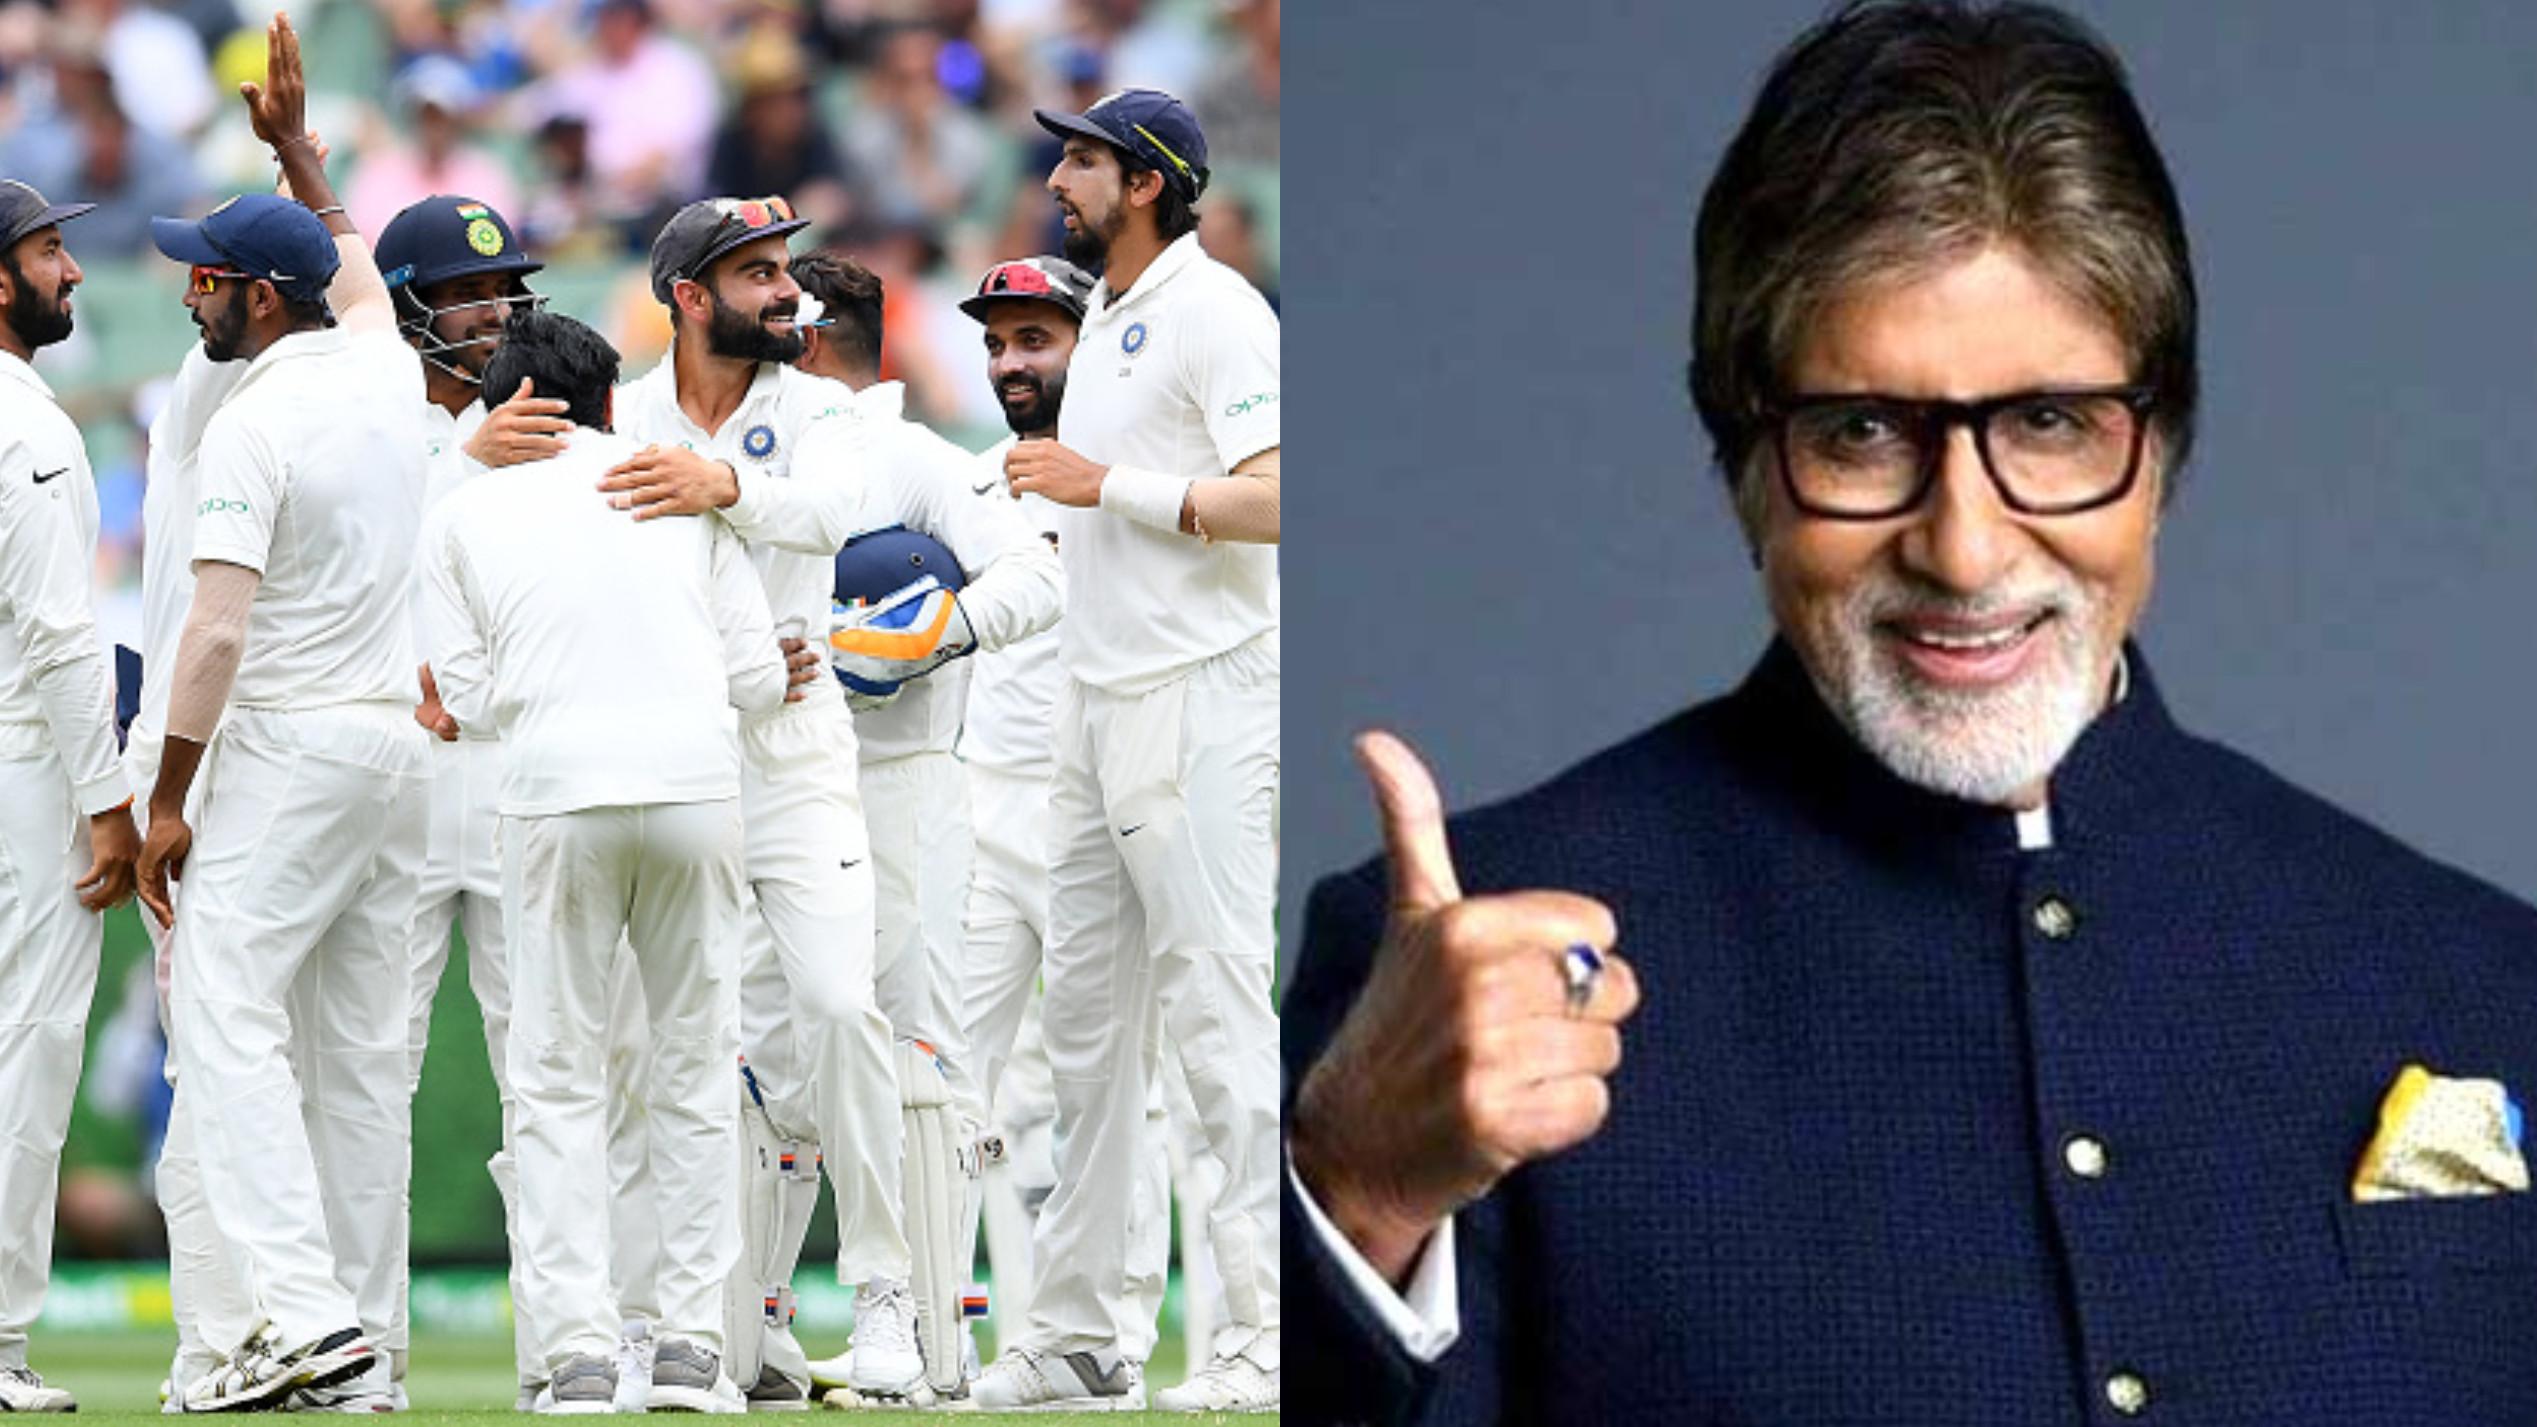 AUS v IND 2018-19: अमिताभ बच्चन ने अपने ही अंदाज़ में भेजा टीम इंडिया को बधाई संदेश